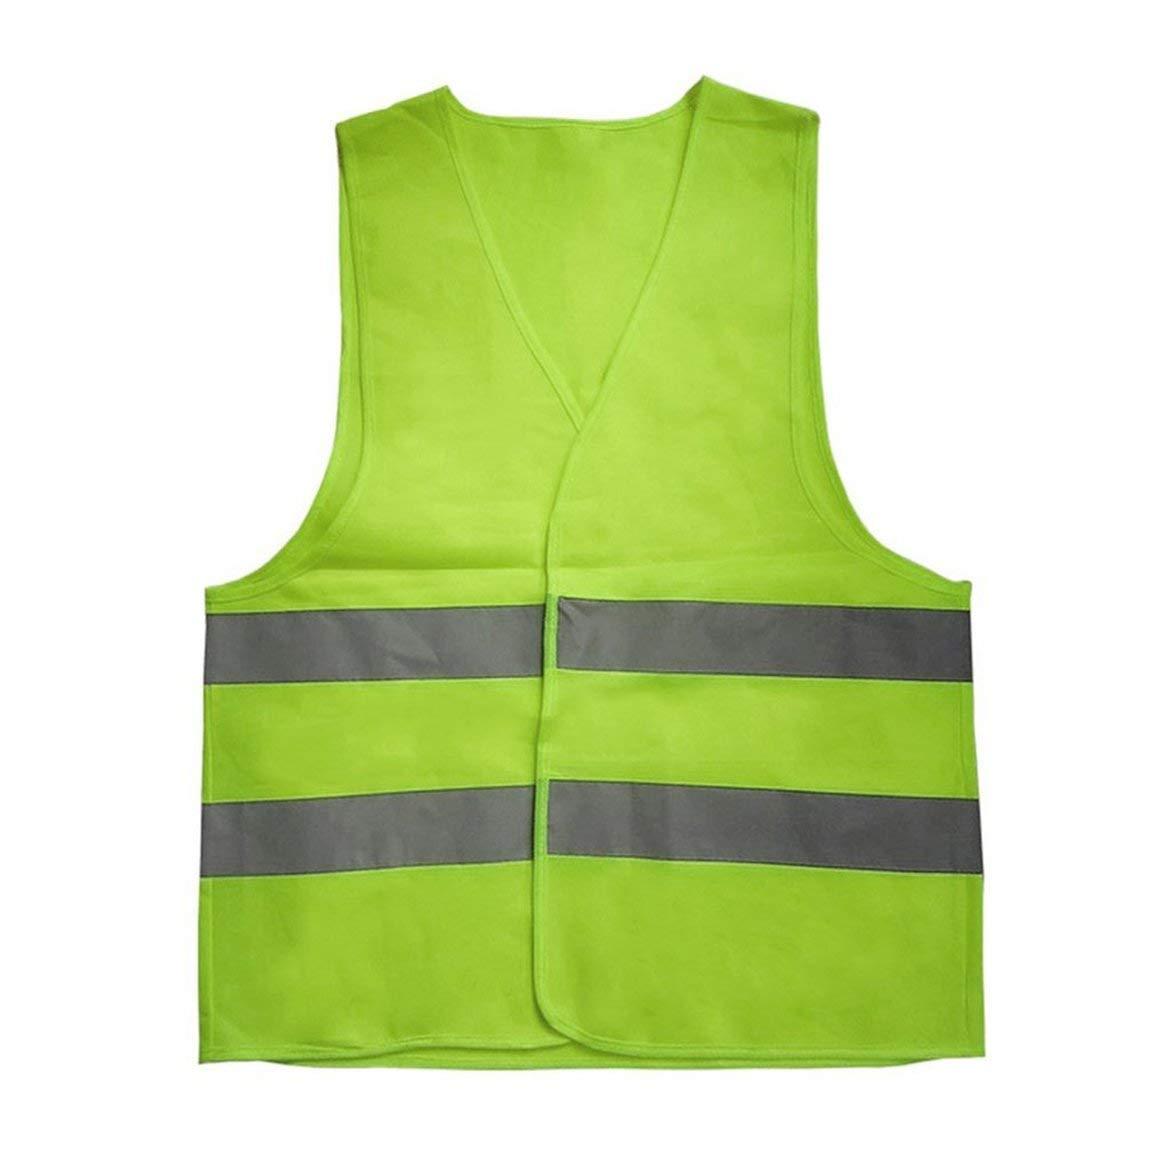 Gilet réfléchissant Avertissement Vêtements de Travail Haute visibilité Jour Nuit Plastron pour la Course de sécurité à vélo trafic Fantasyworld